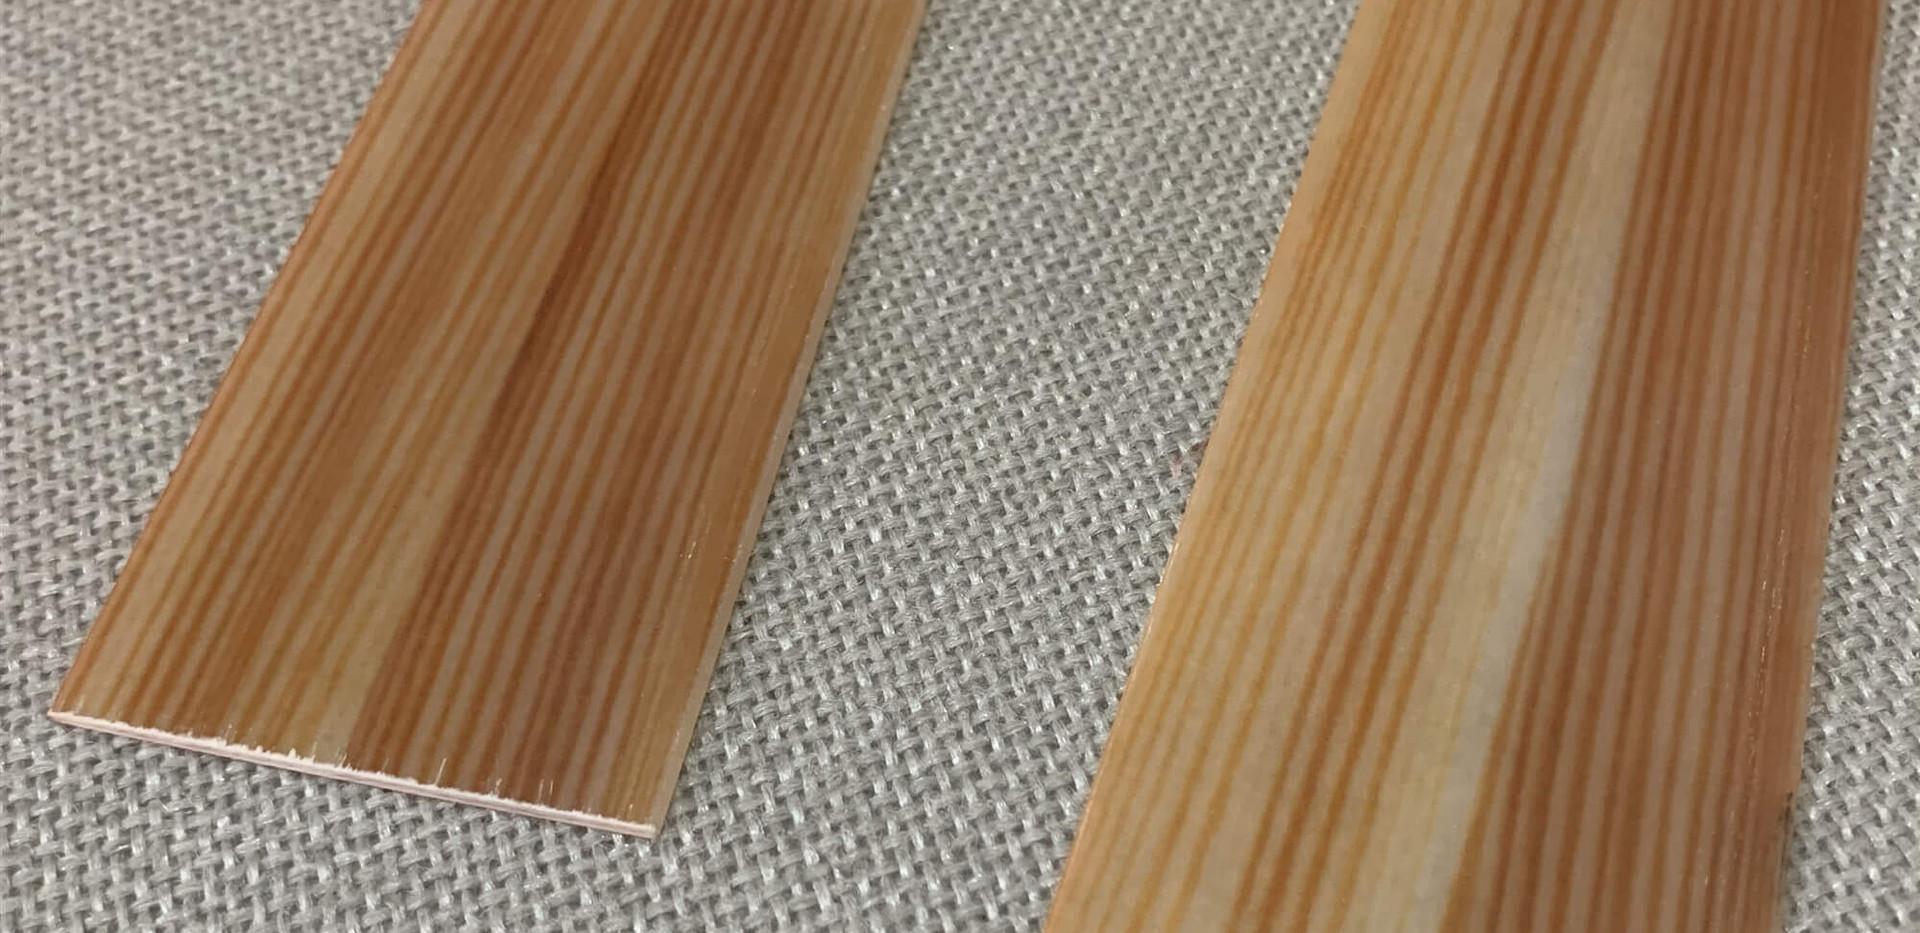 wooden weave fiberglass bow limbs.jpg